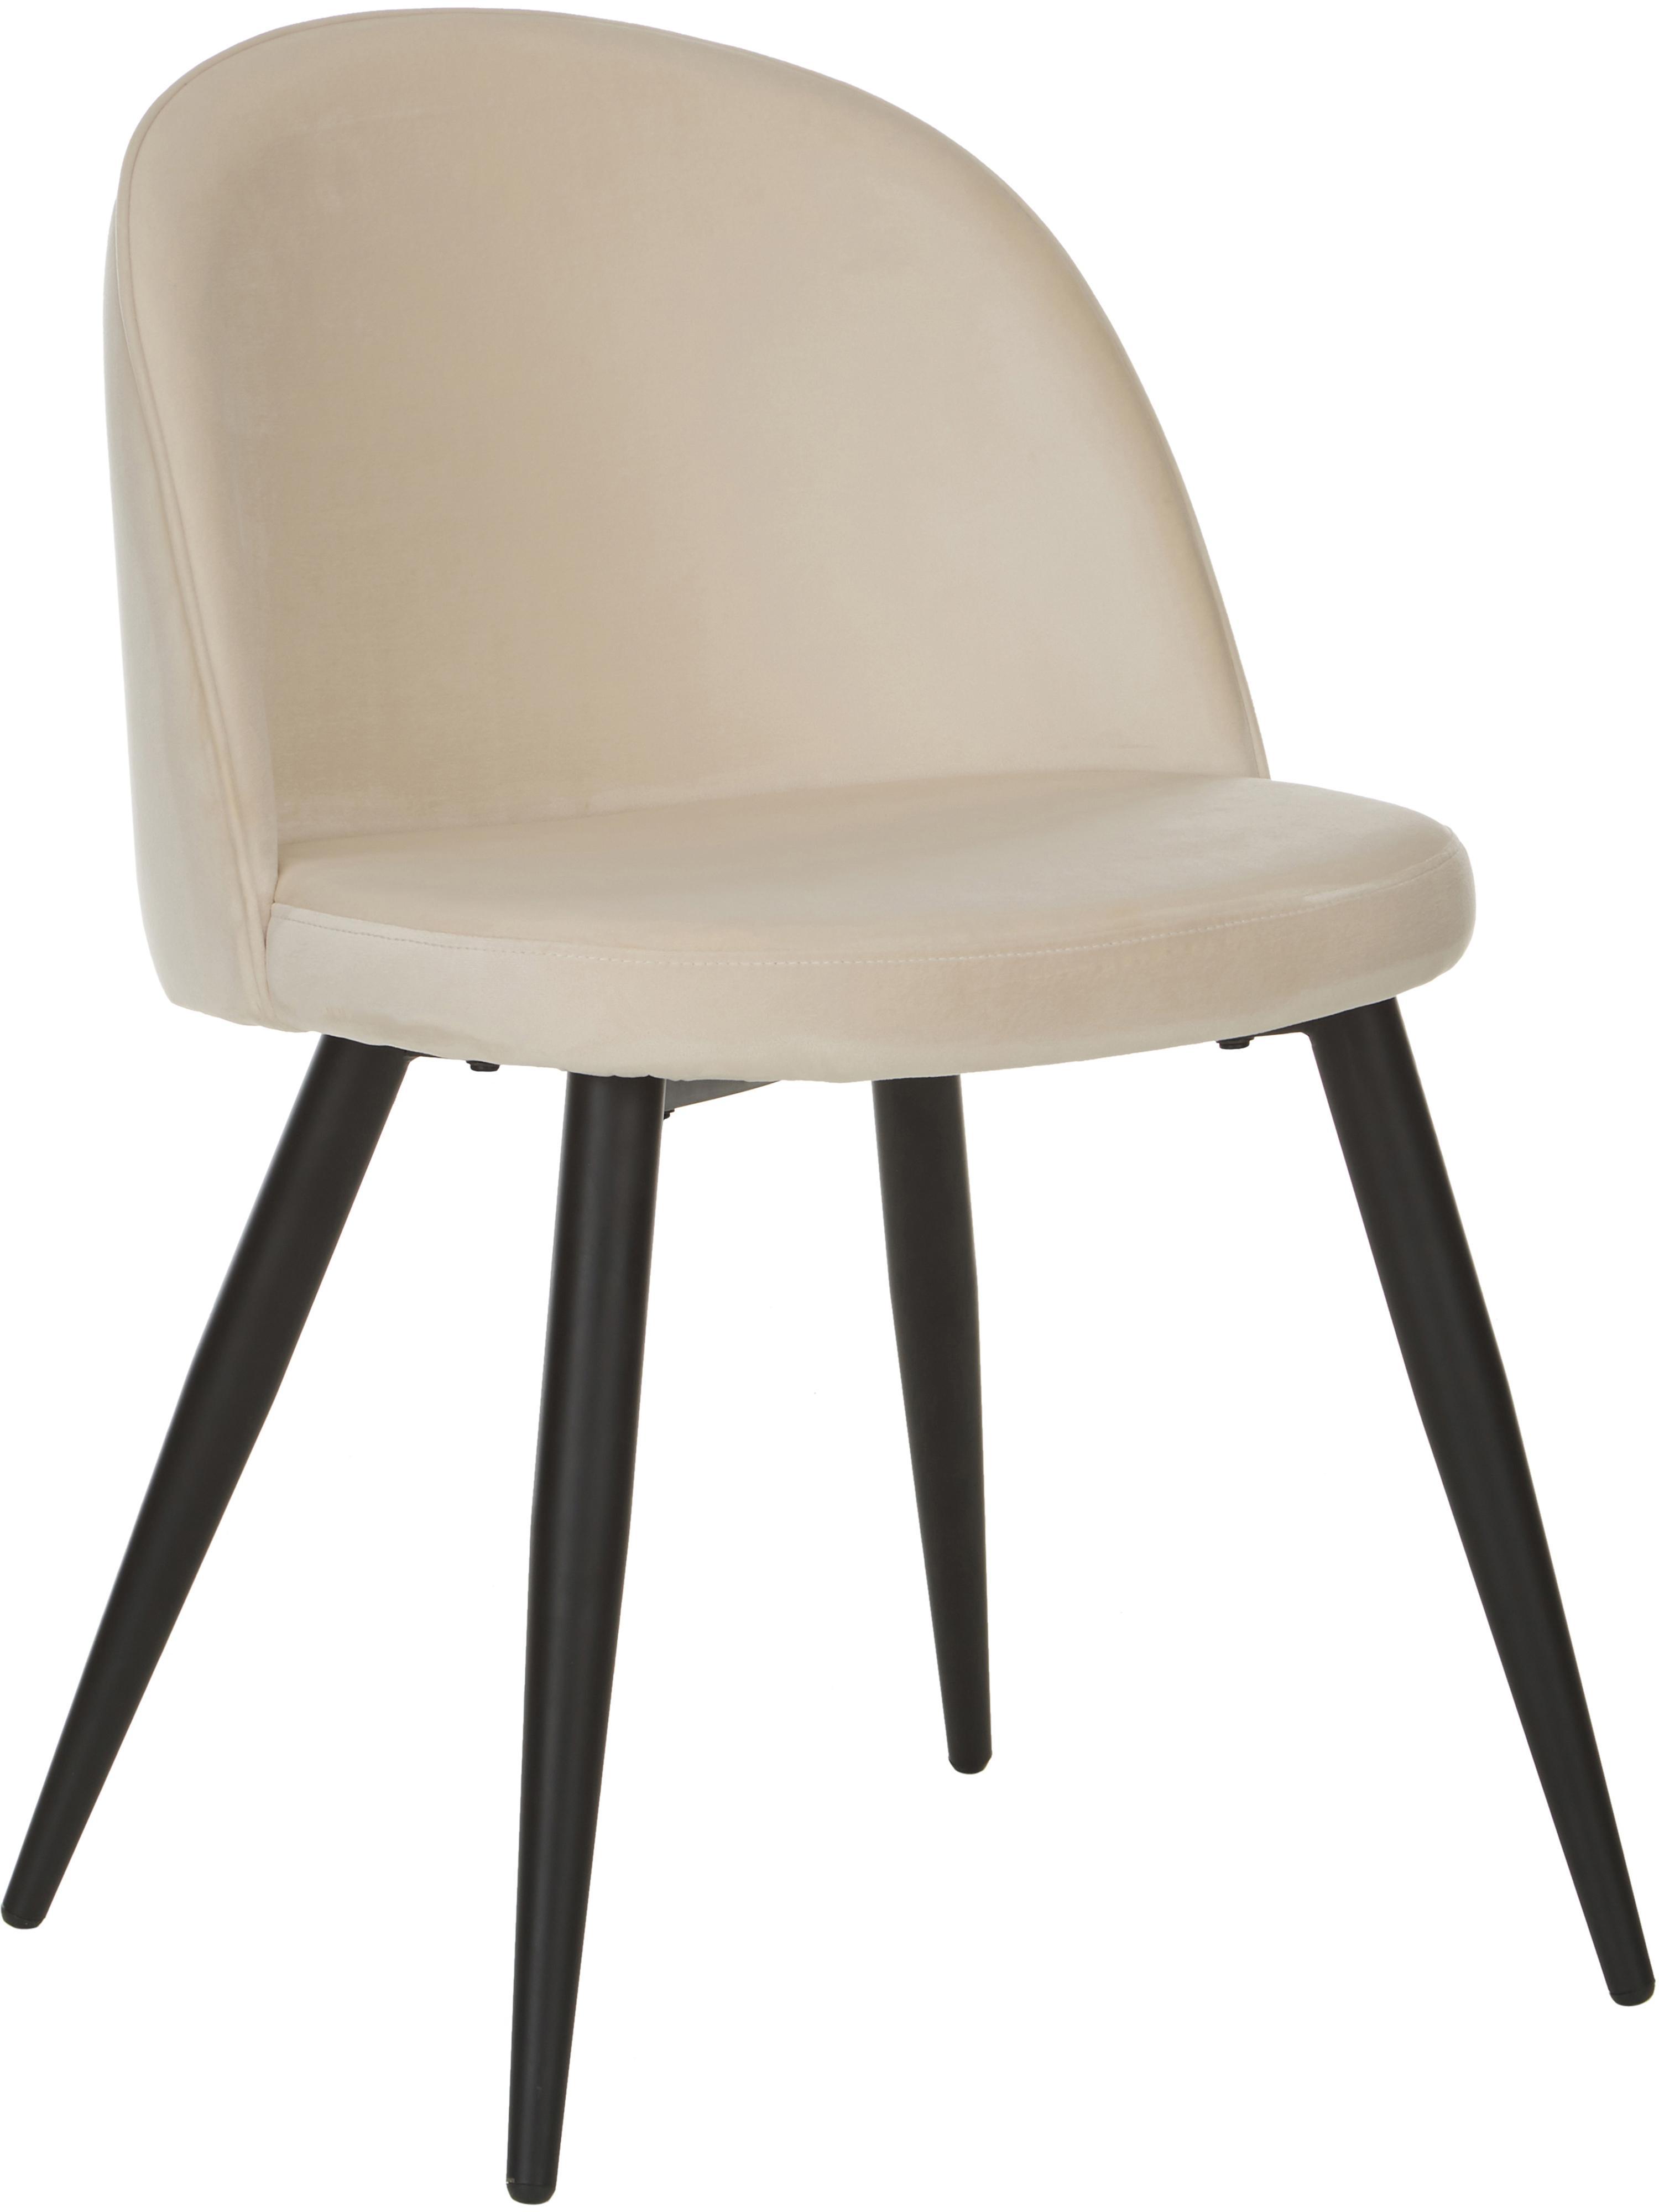 Sedia imbottita in velluto Amy 2 pz, Rivestimento: velluto (poliestere) 25.0, Gambe: metallo verniciato a polv, Bianco crema, Larg. 51 x Prof. 55 cm